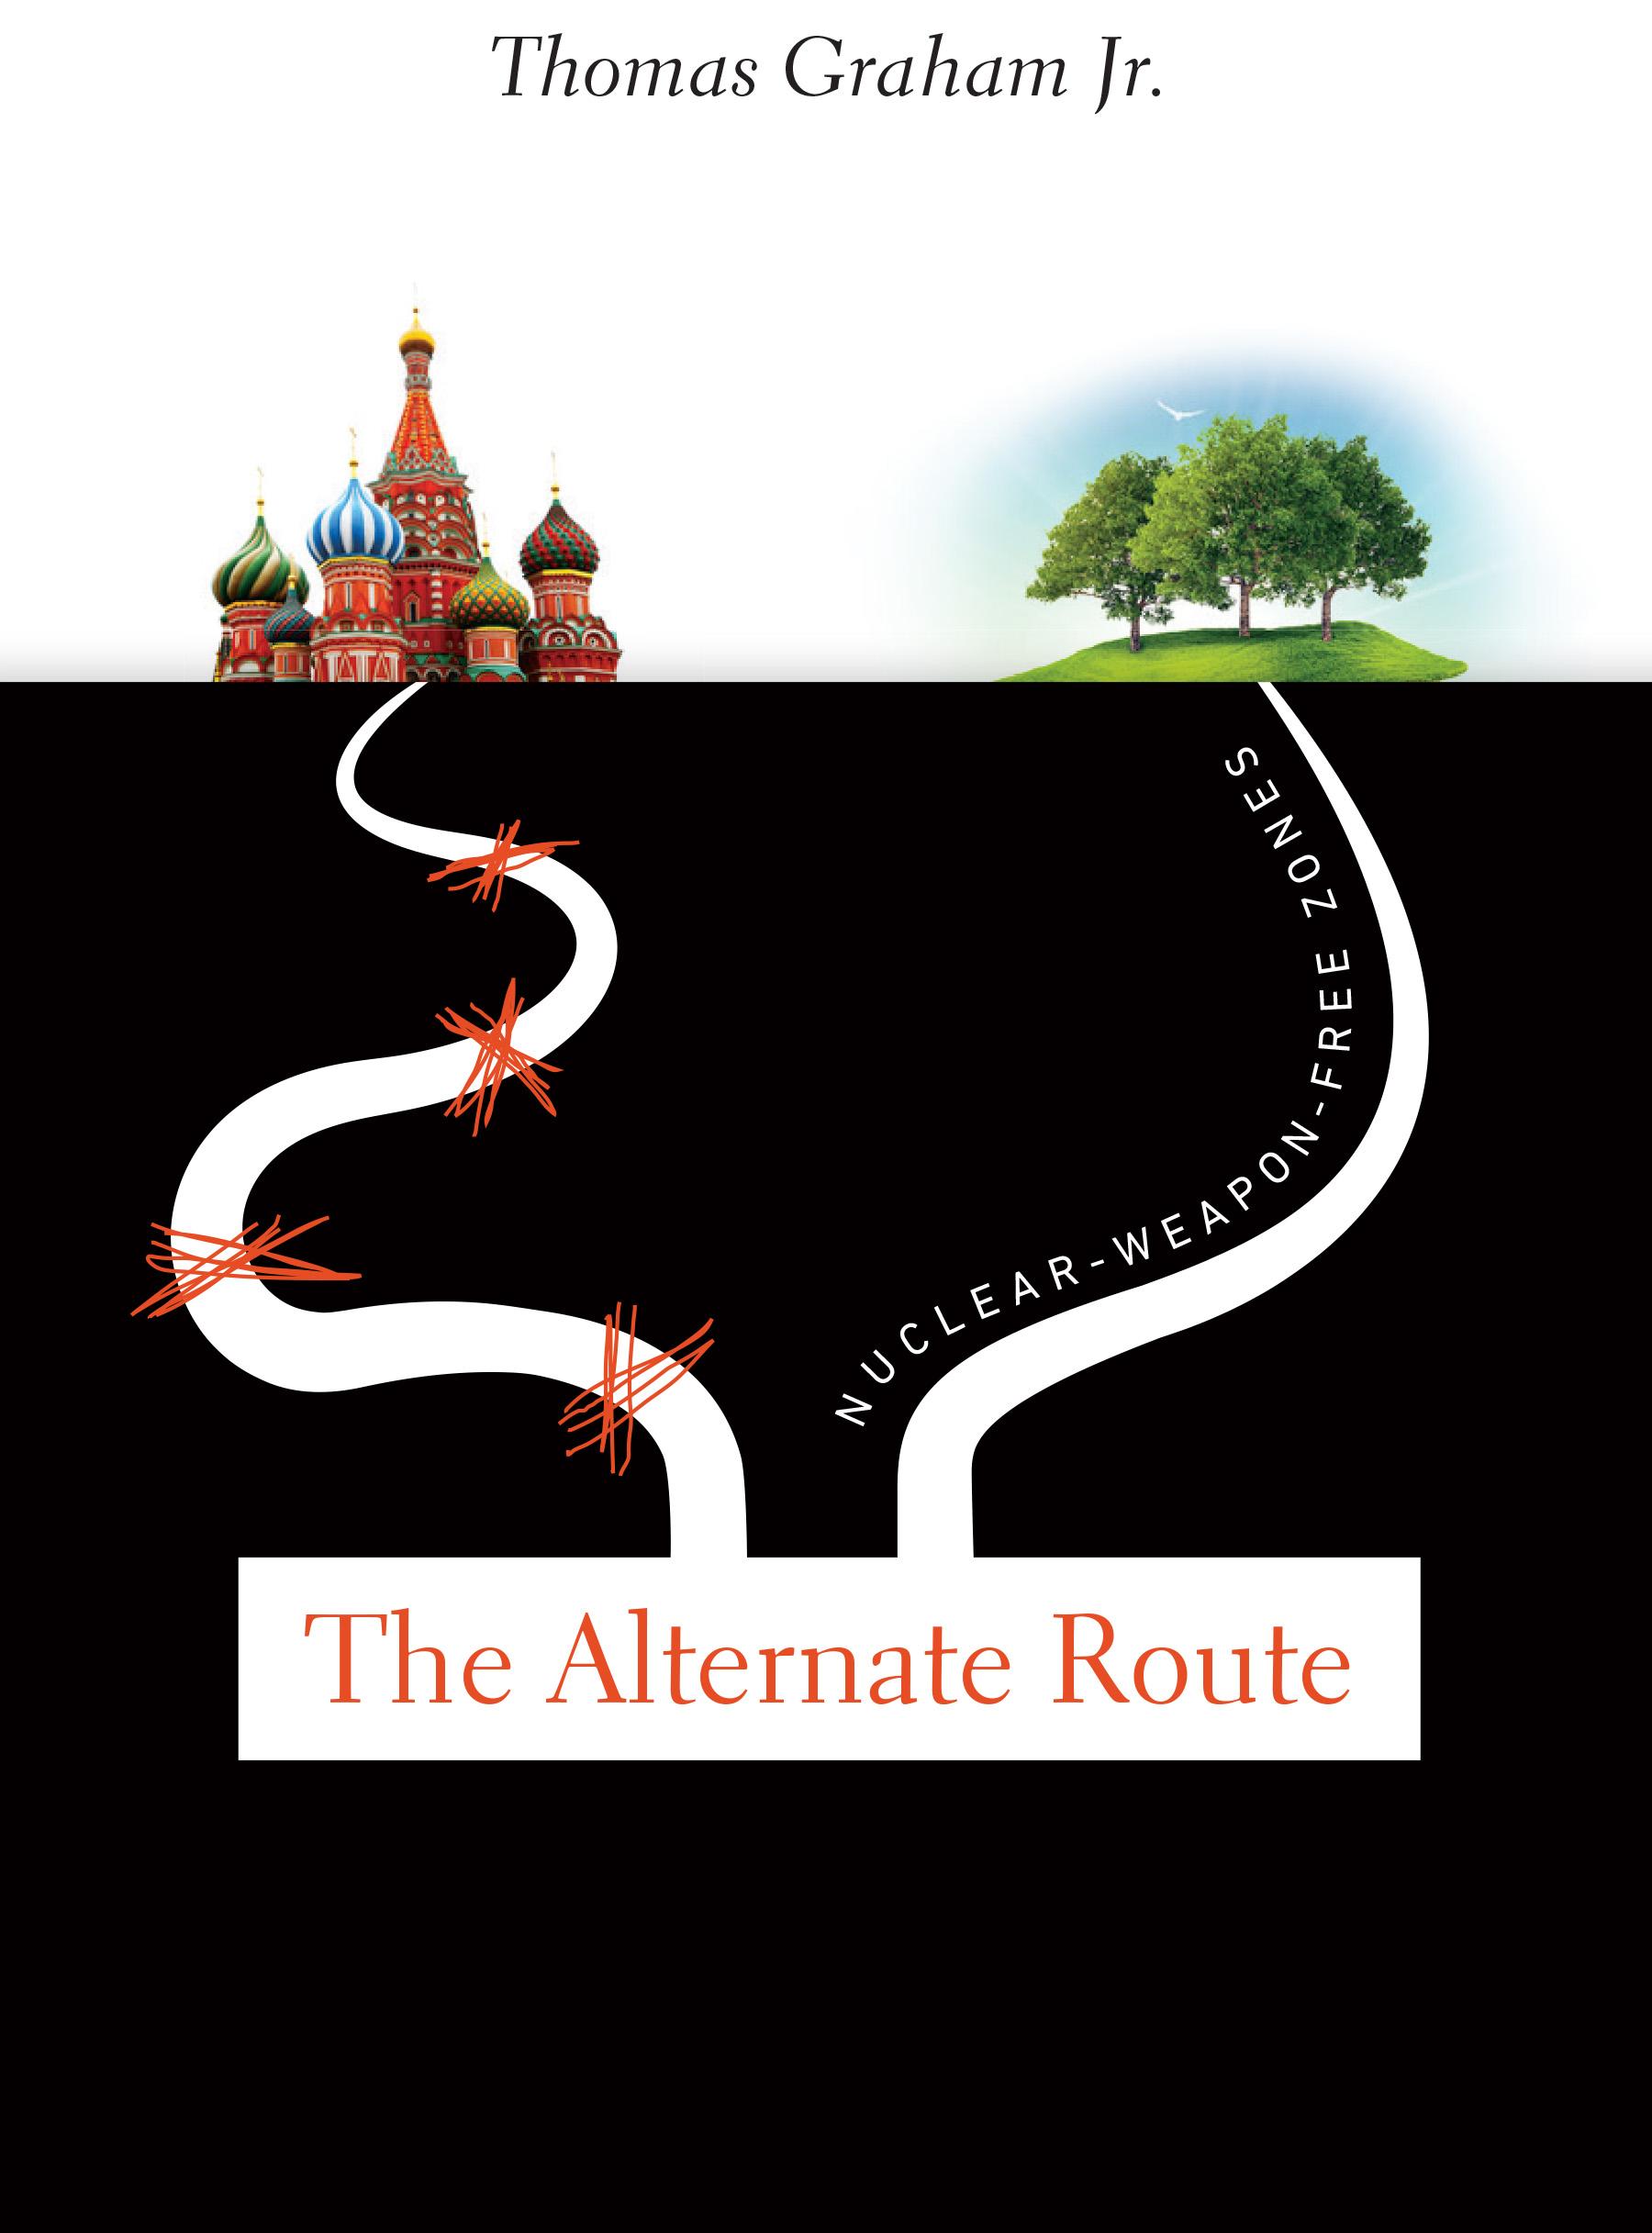 The Alternate Route - Thomas Graham